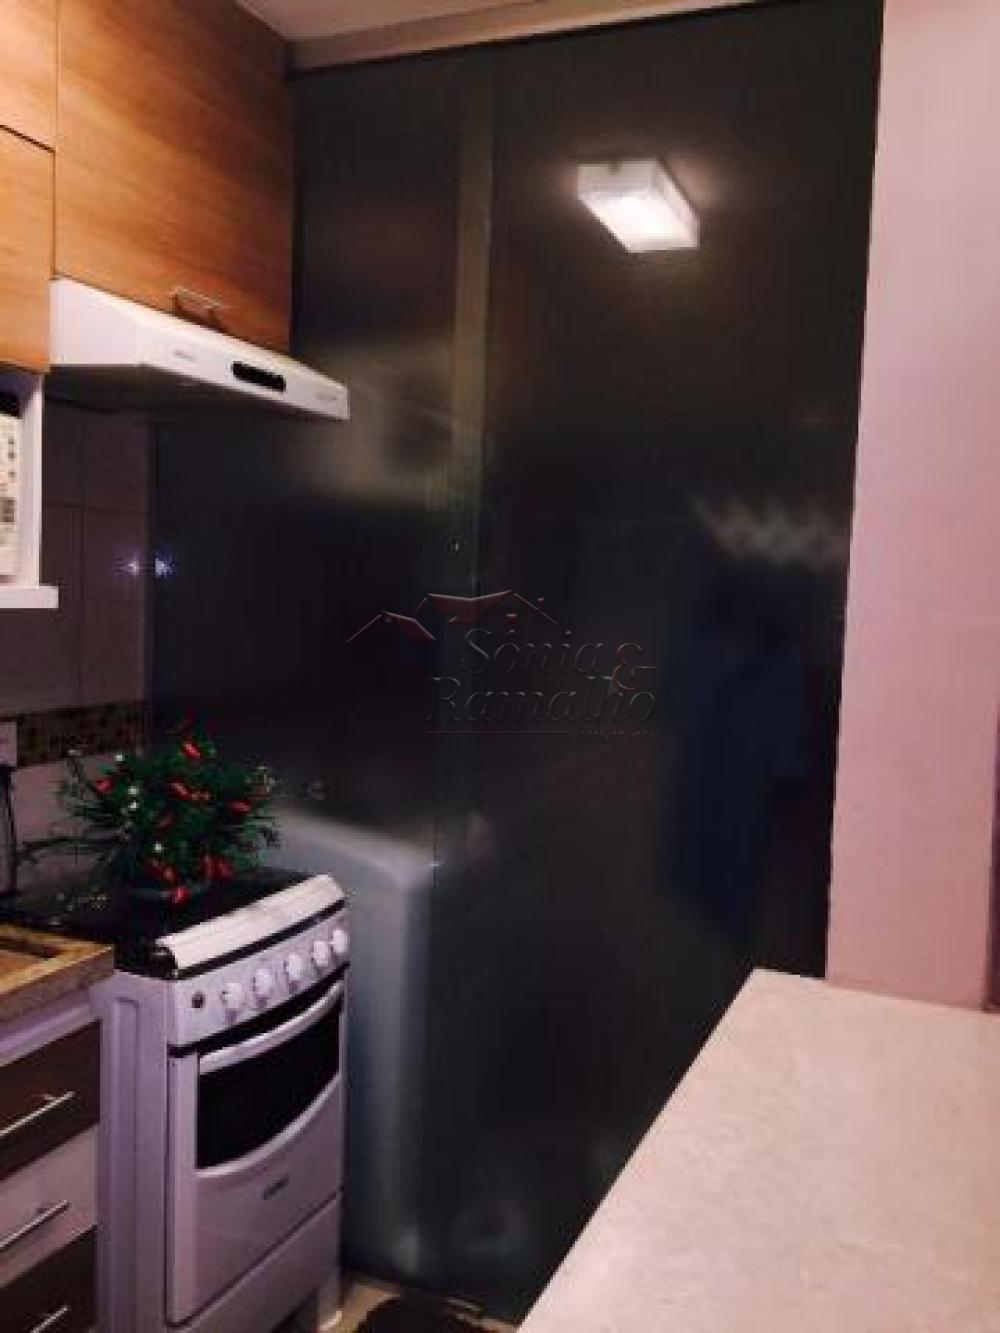 Comprar Apartamentos / Padrão em Ribeirão Preto apenas R$ 195.000,00 - Foto 3